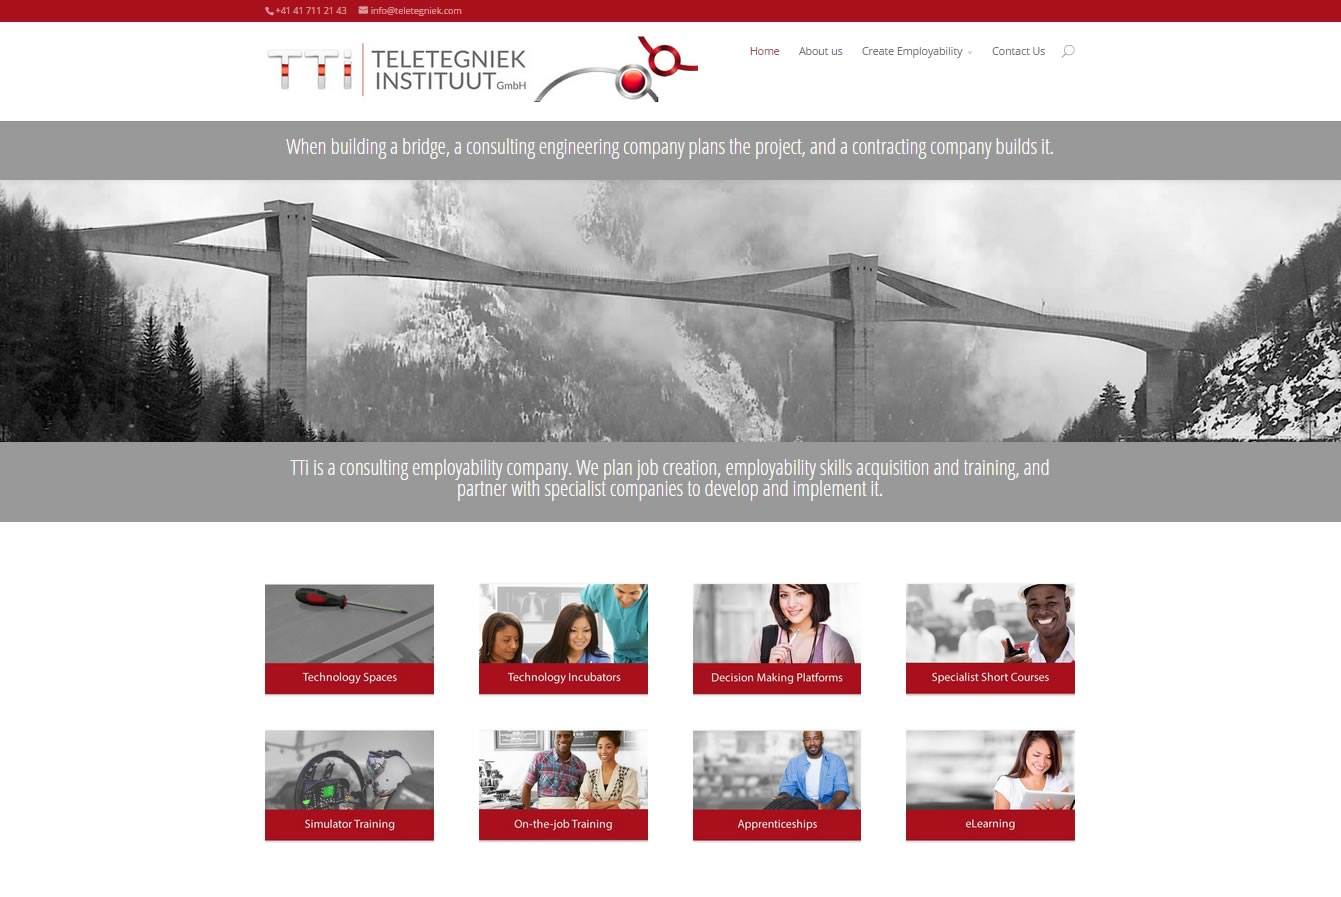 Tele-Tegniek Instituut